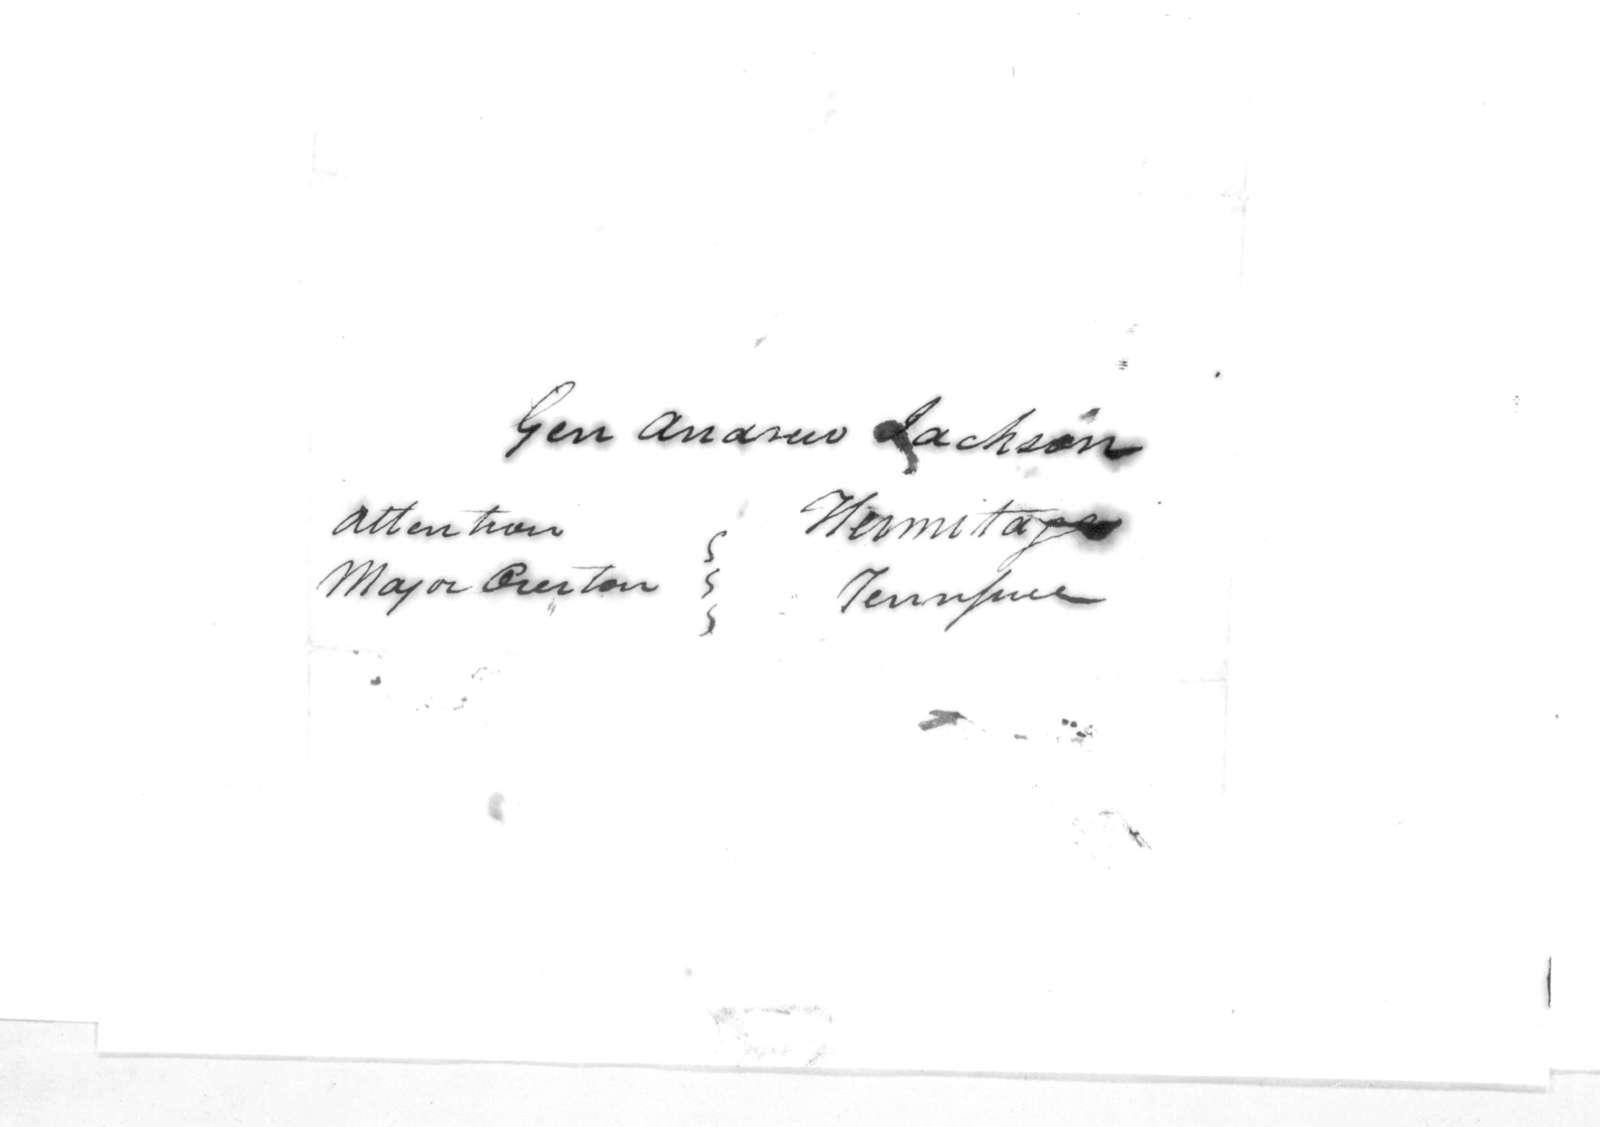 C. Tucker to Andrew Jackson, May 22, 1816